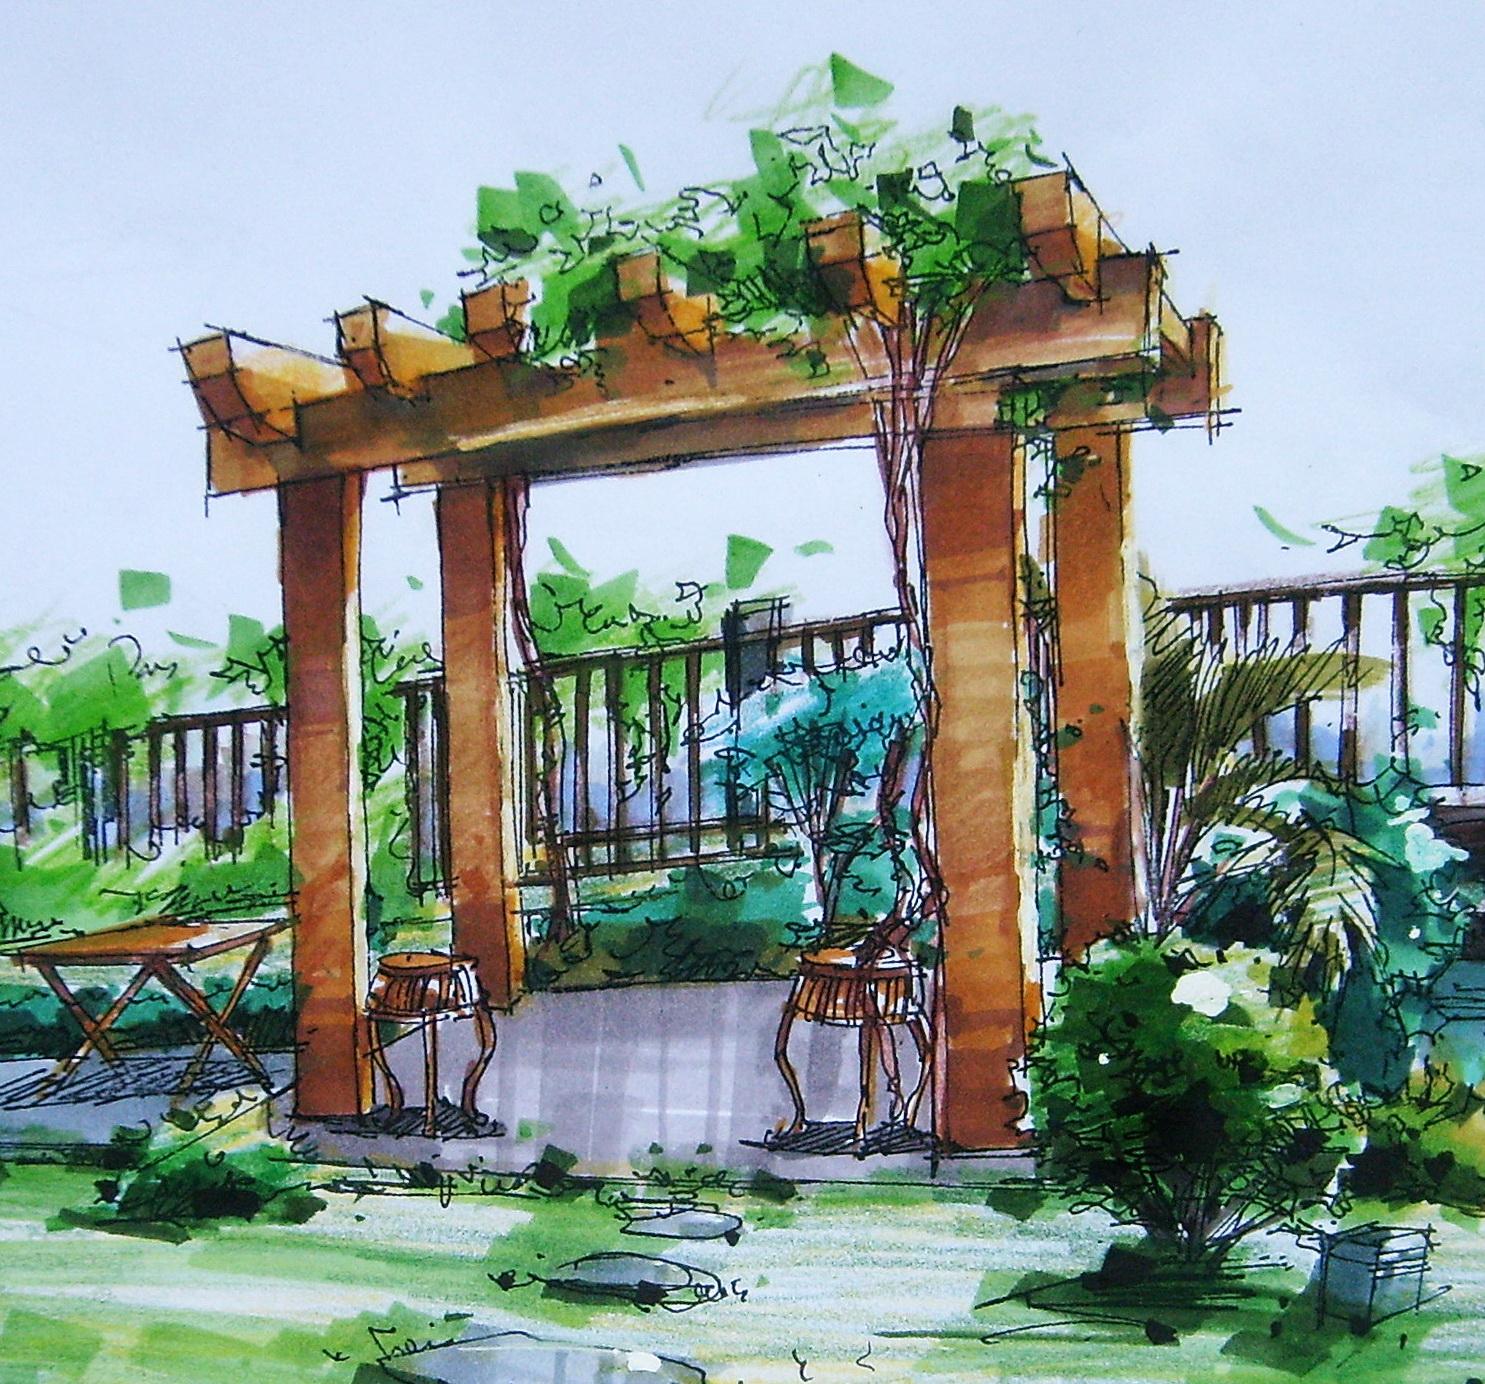 相关专题:手绘牌坊手绘总图手绘立面手绘亭子园林